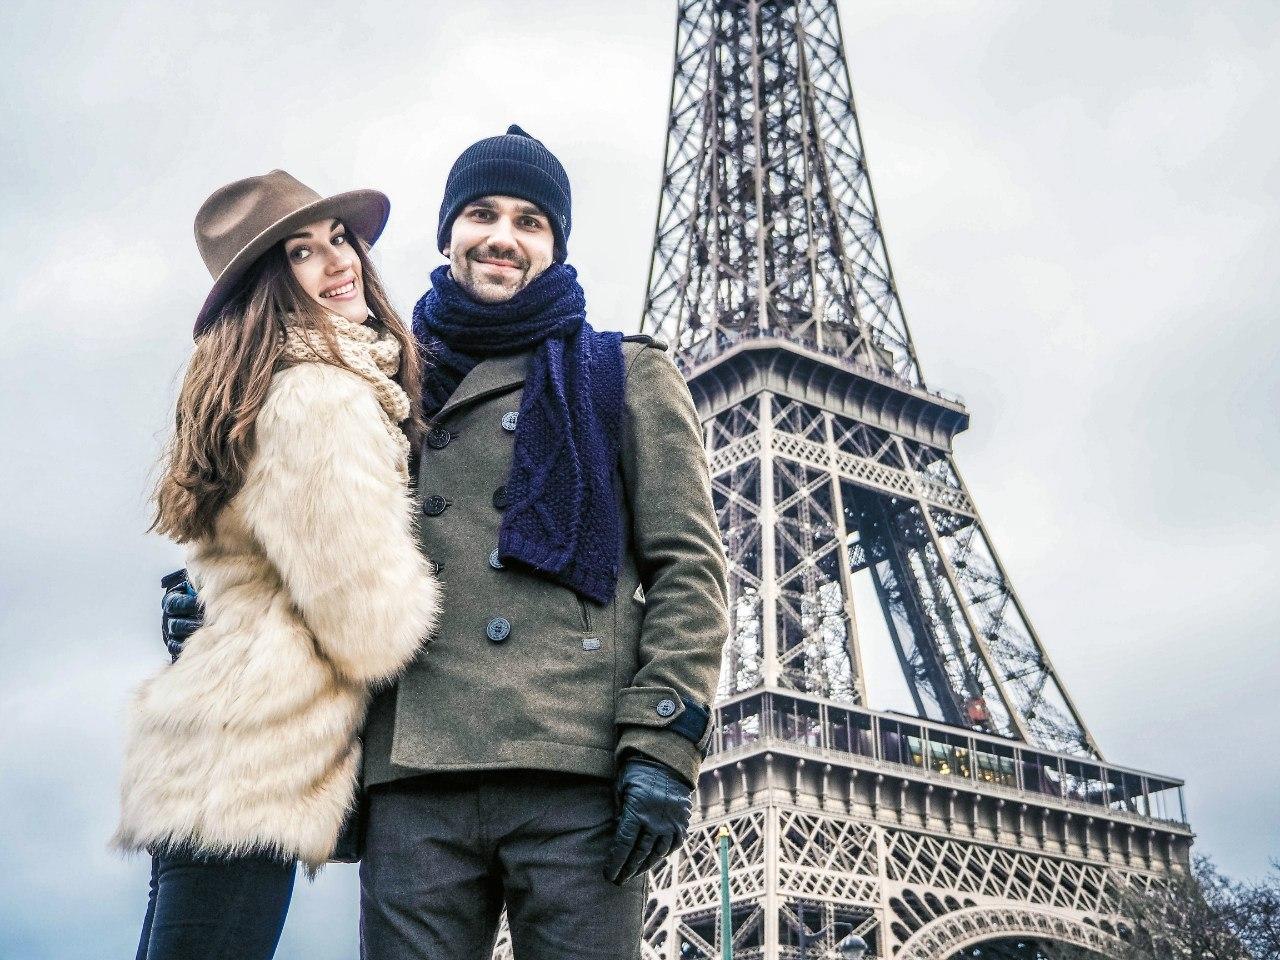 Фотография влюбленных в Париже на фоне башни